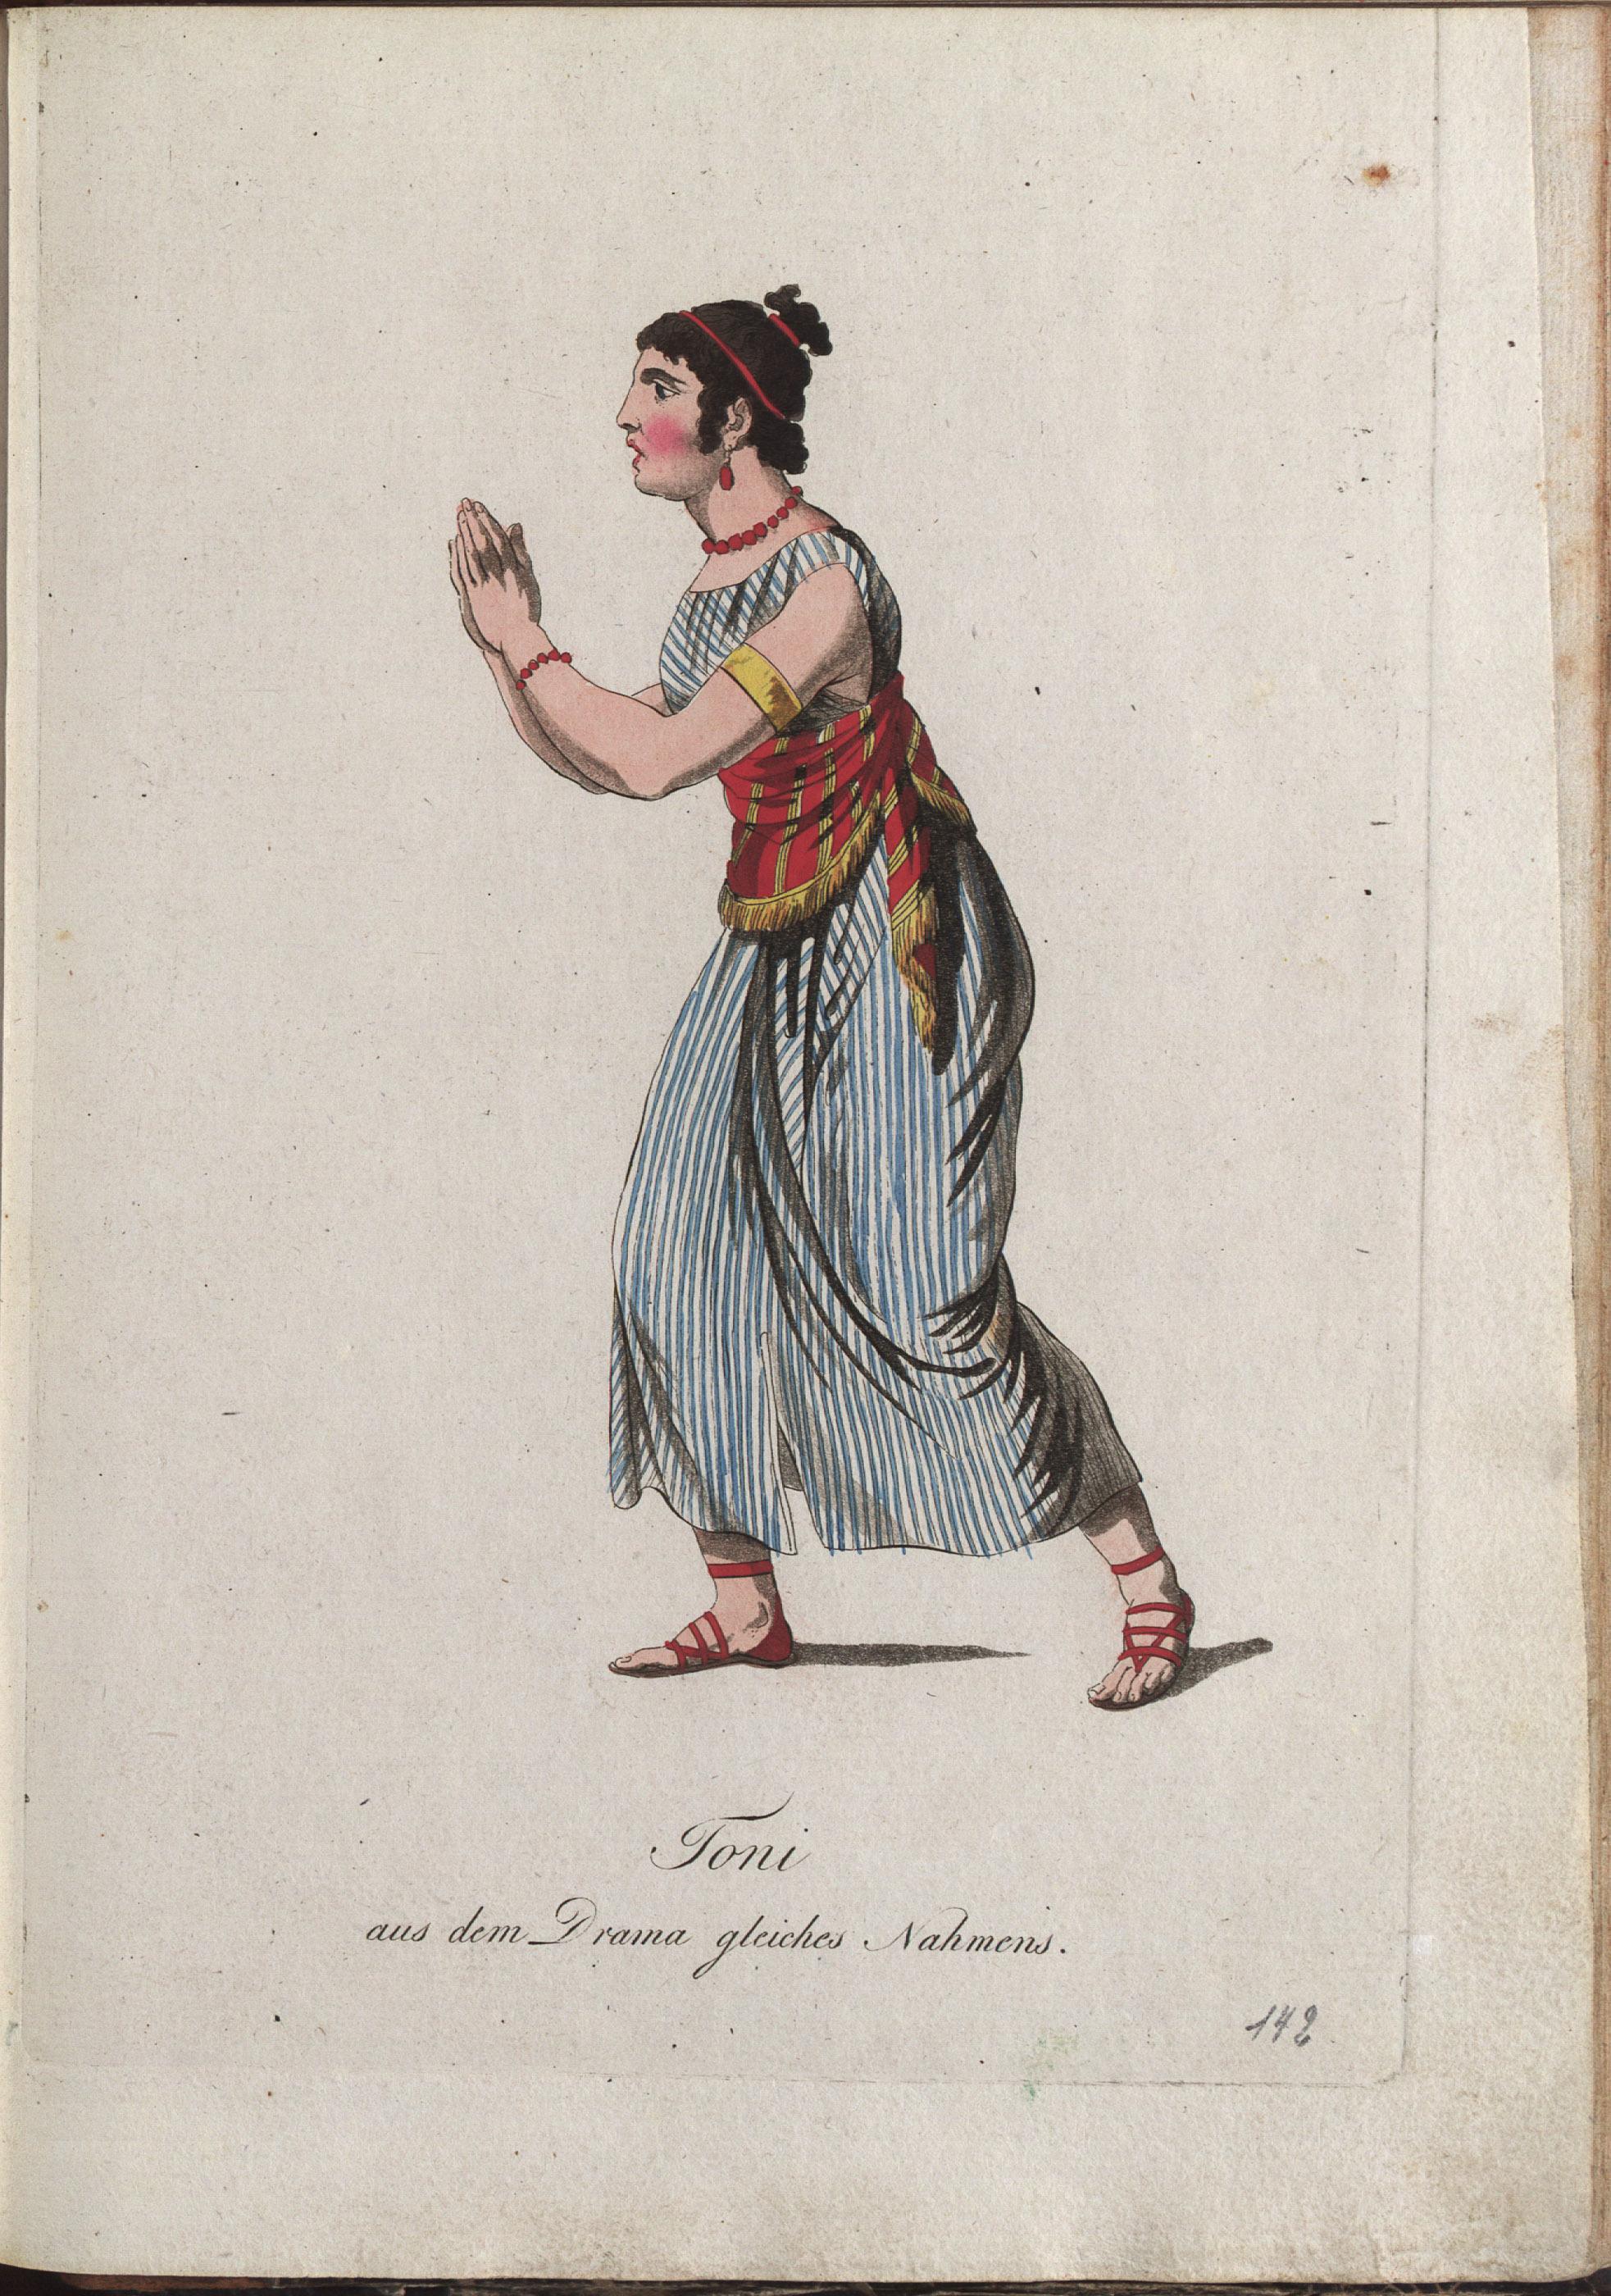 Toni von Philipp von Stubenrauch